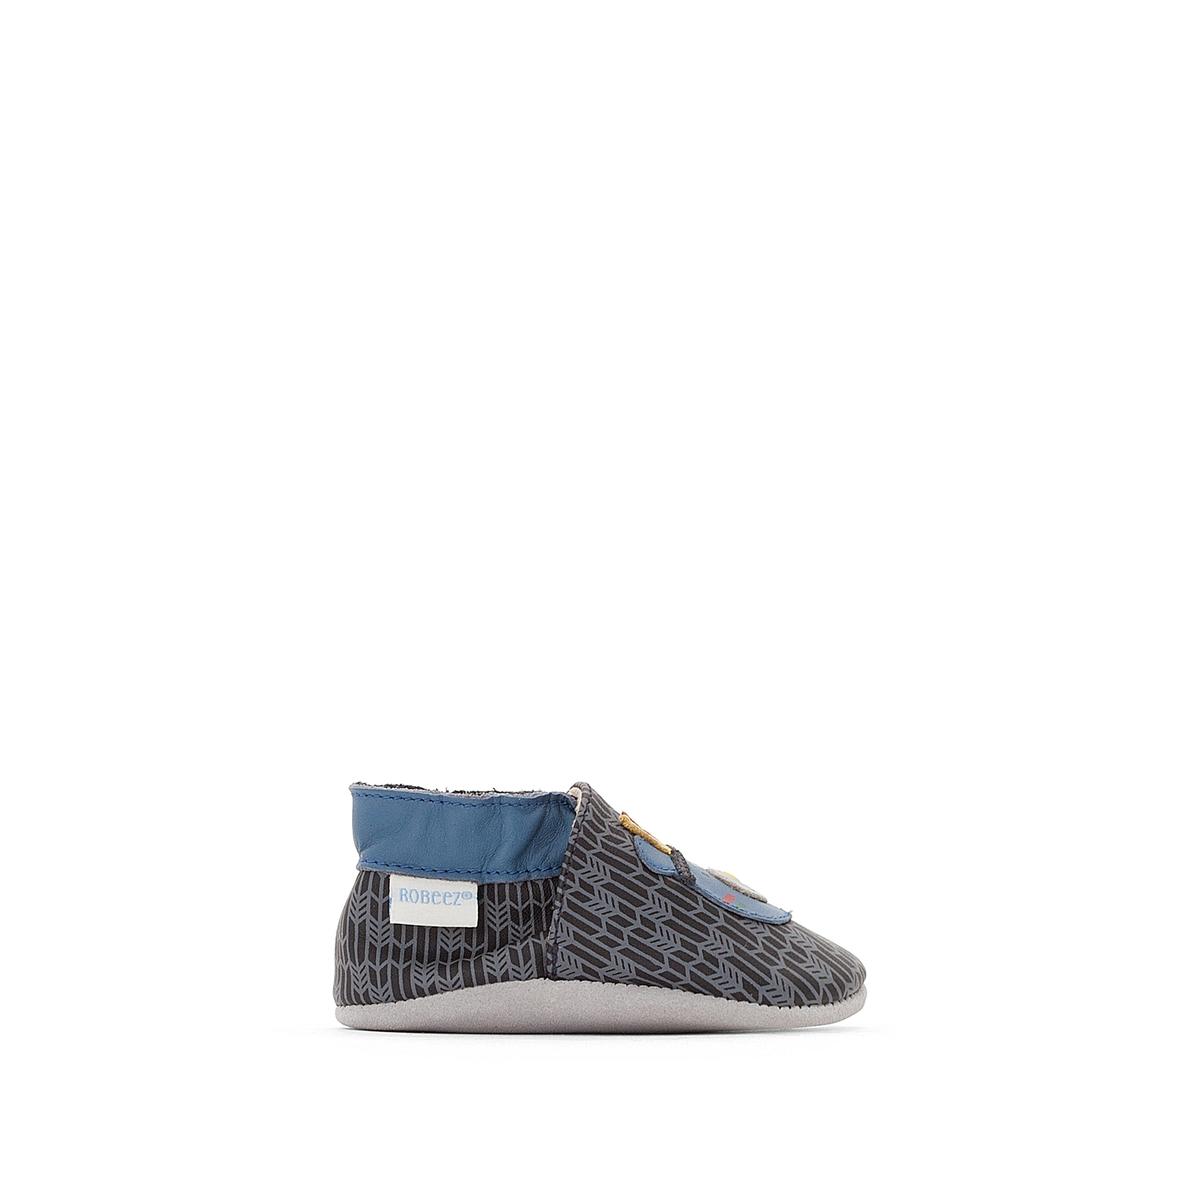 e2f2809286b98 Chaussures Garçon - Trouvez une paire sur chaussures.be